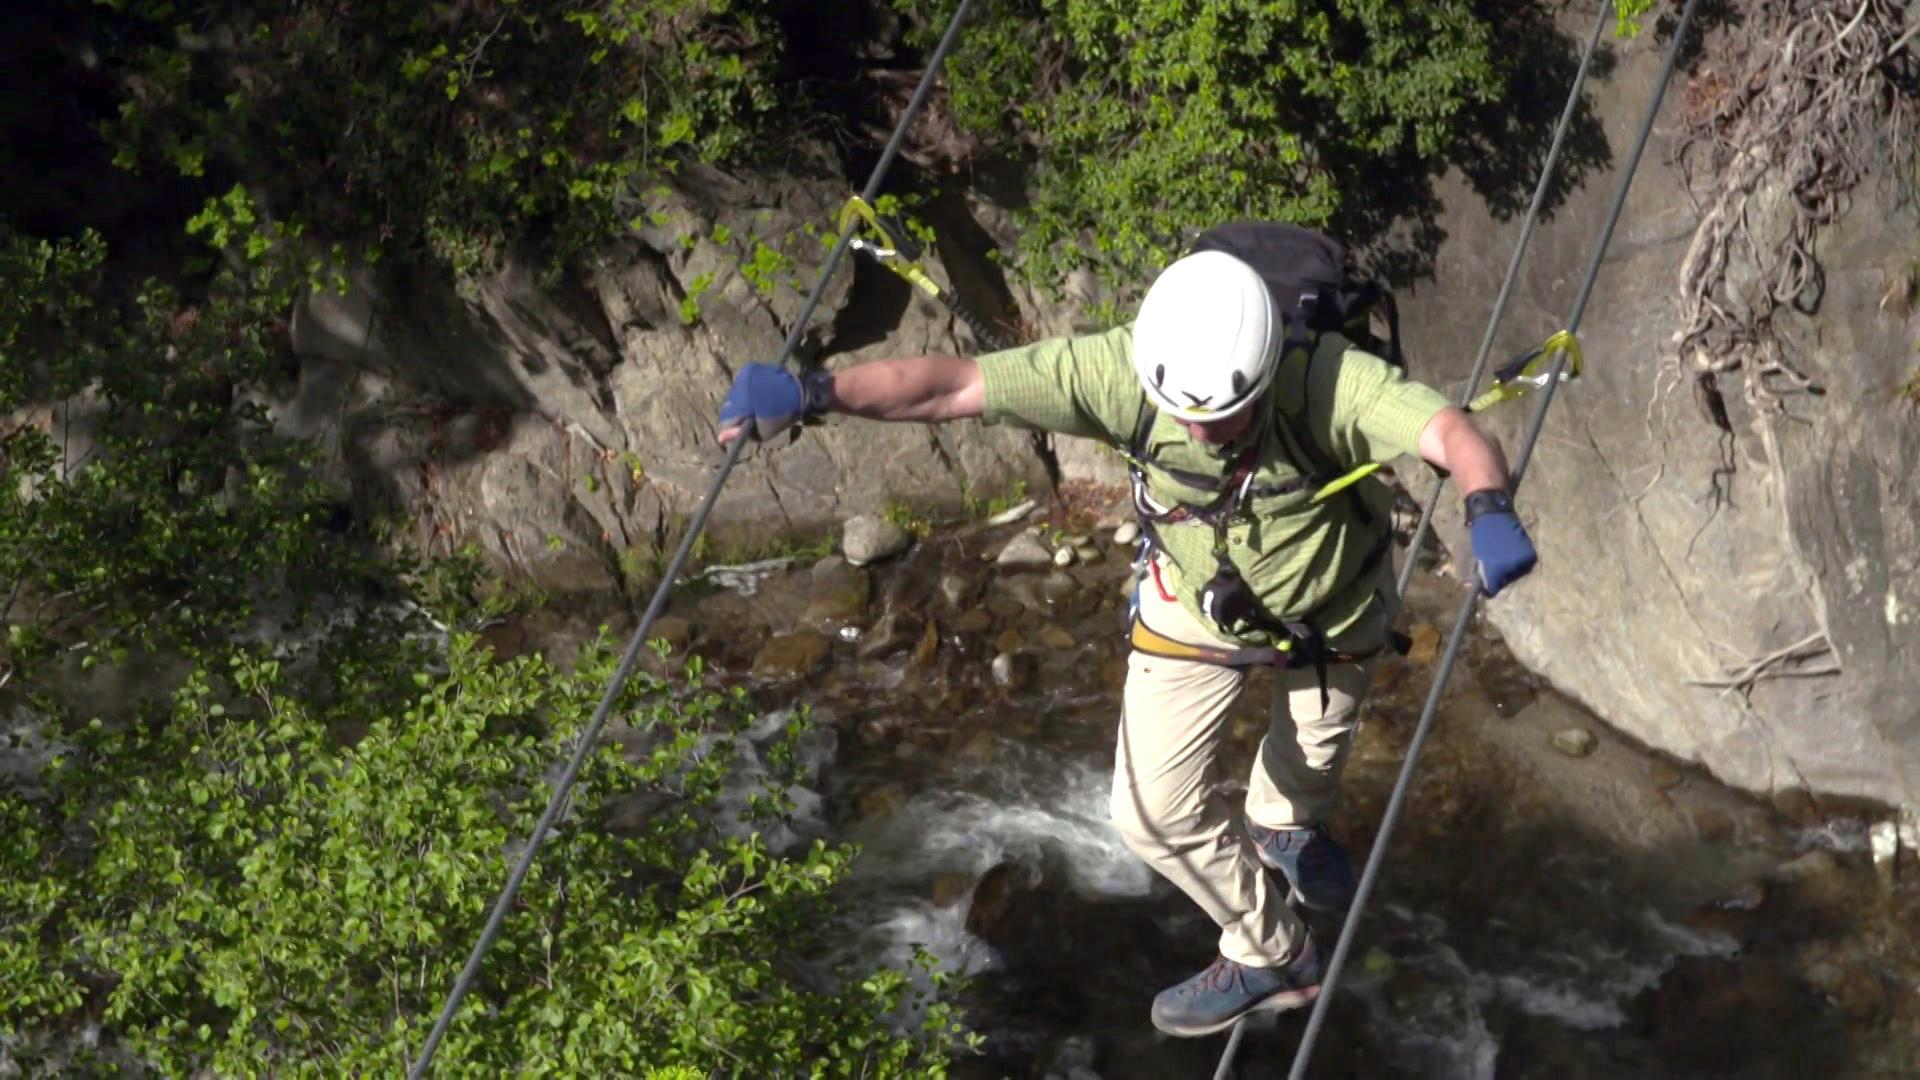 Klettersteig Vinschgau : Sehn sucht berge hoachwool klettersteig